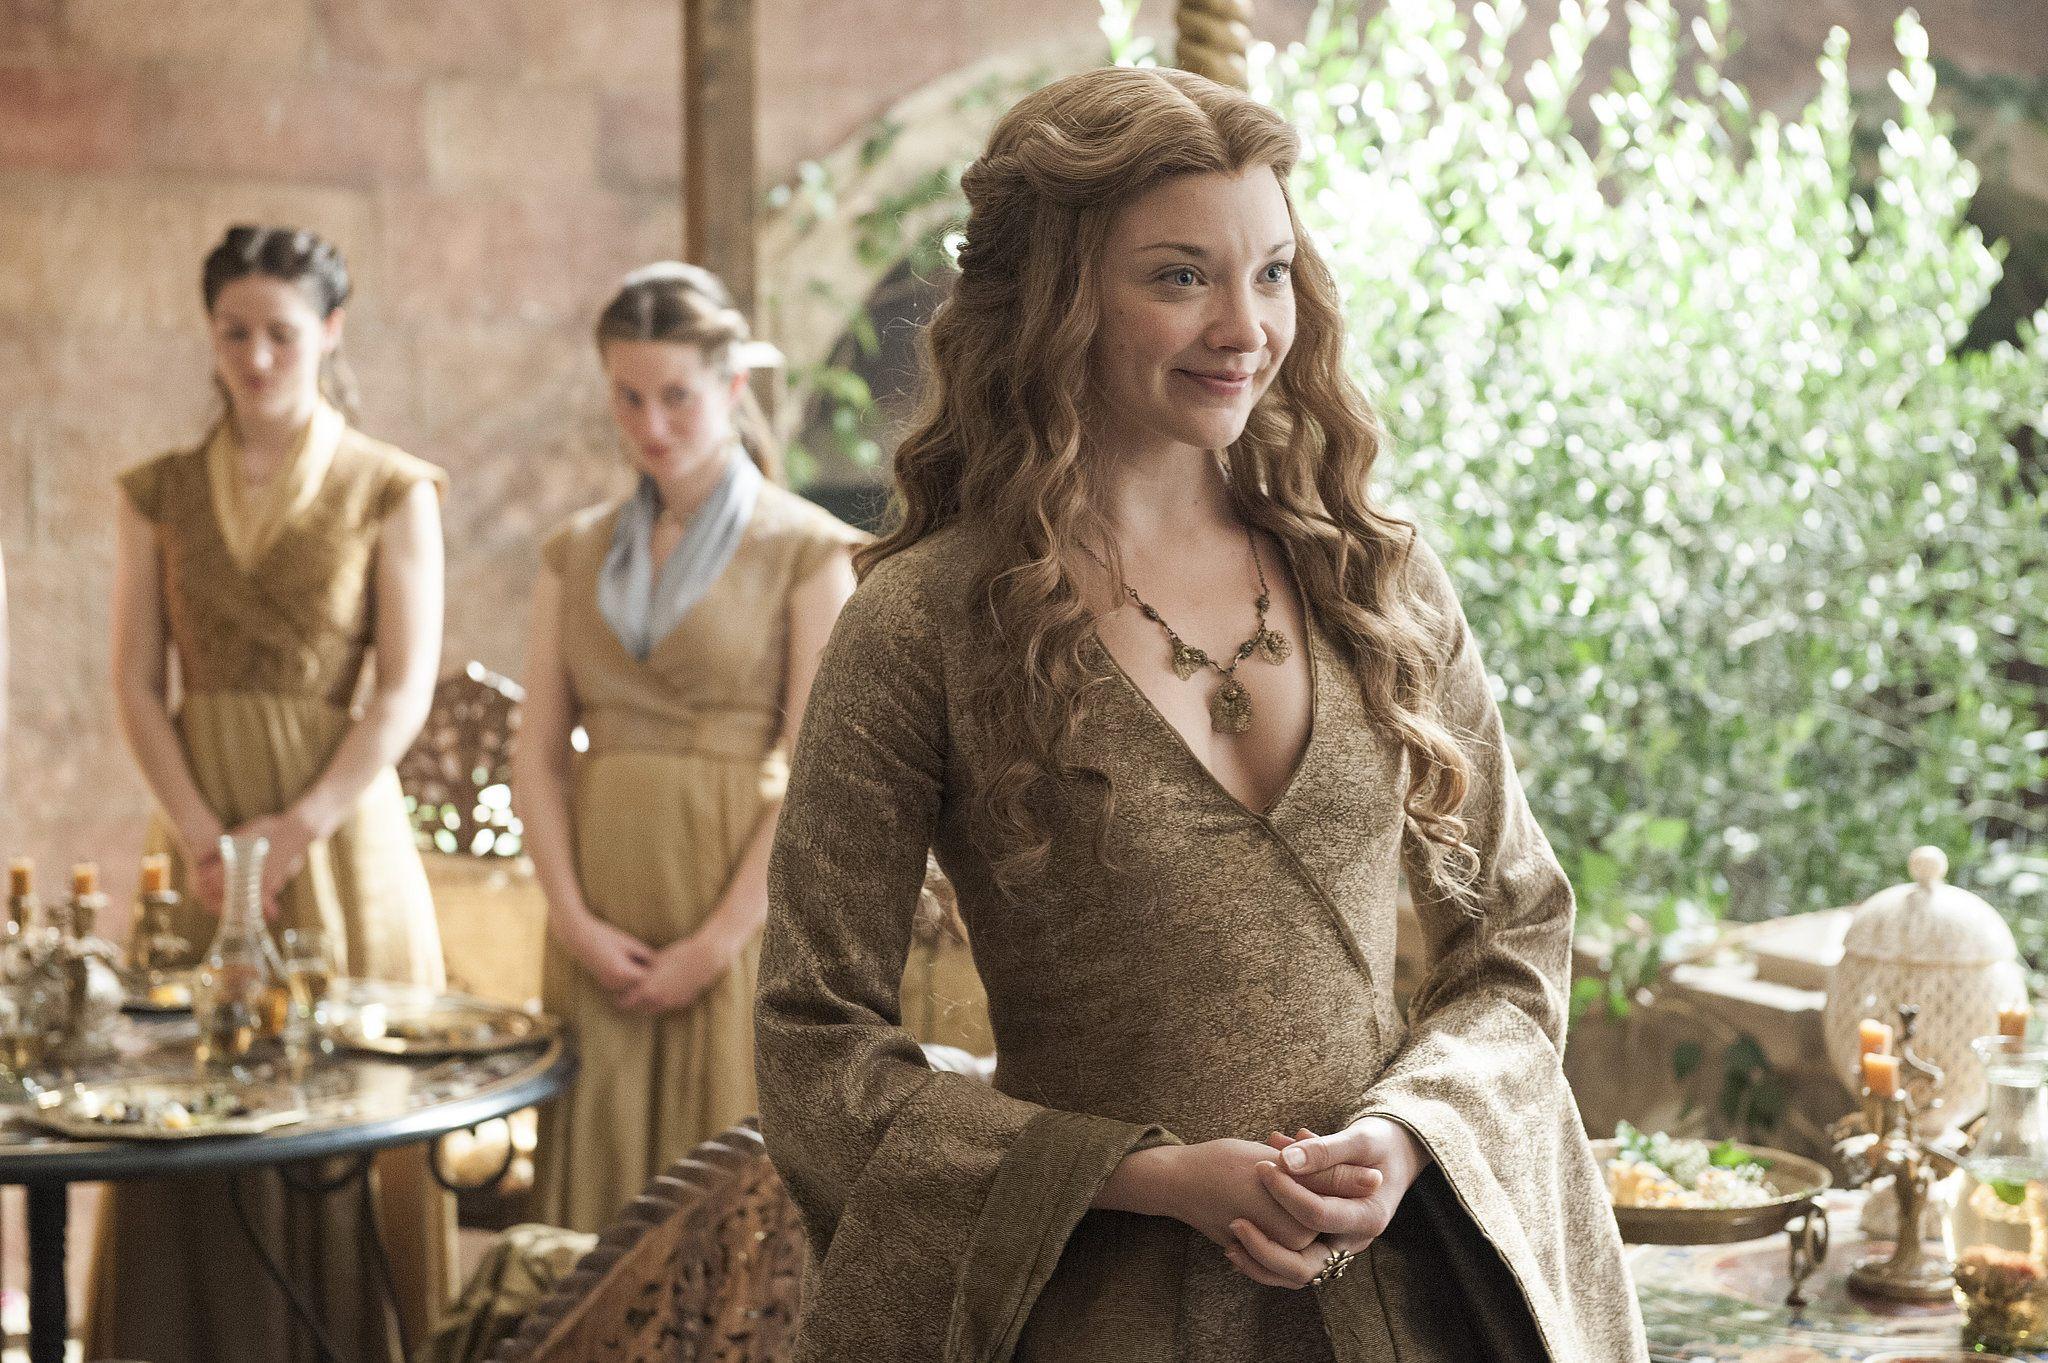 Natalie Dormer stars as Margaery Tyrell